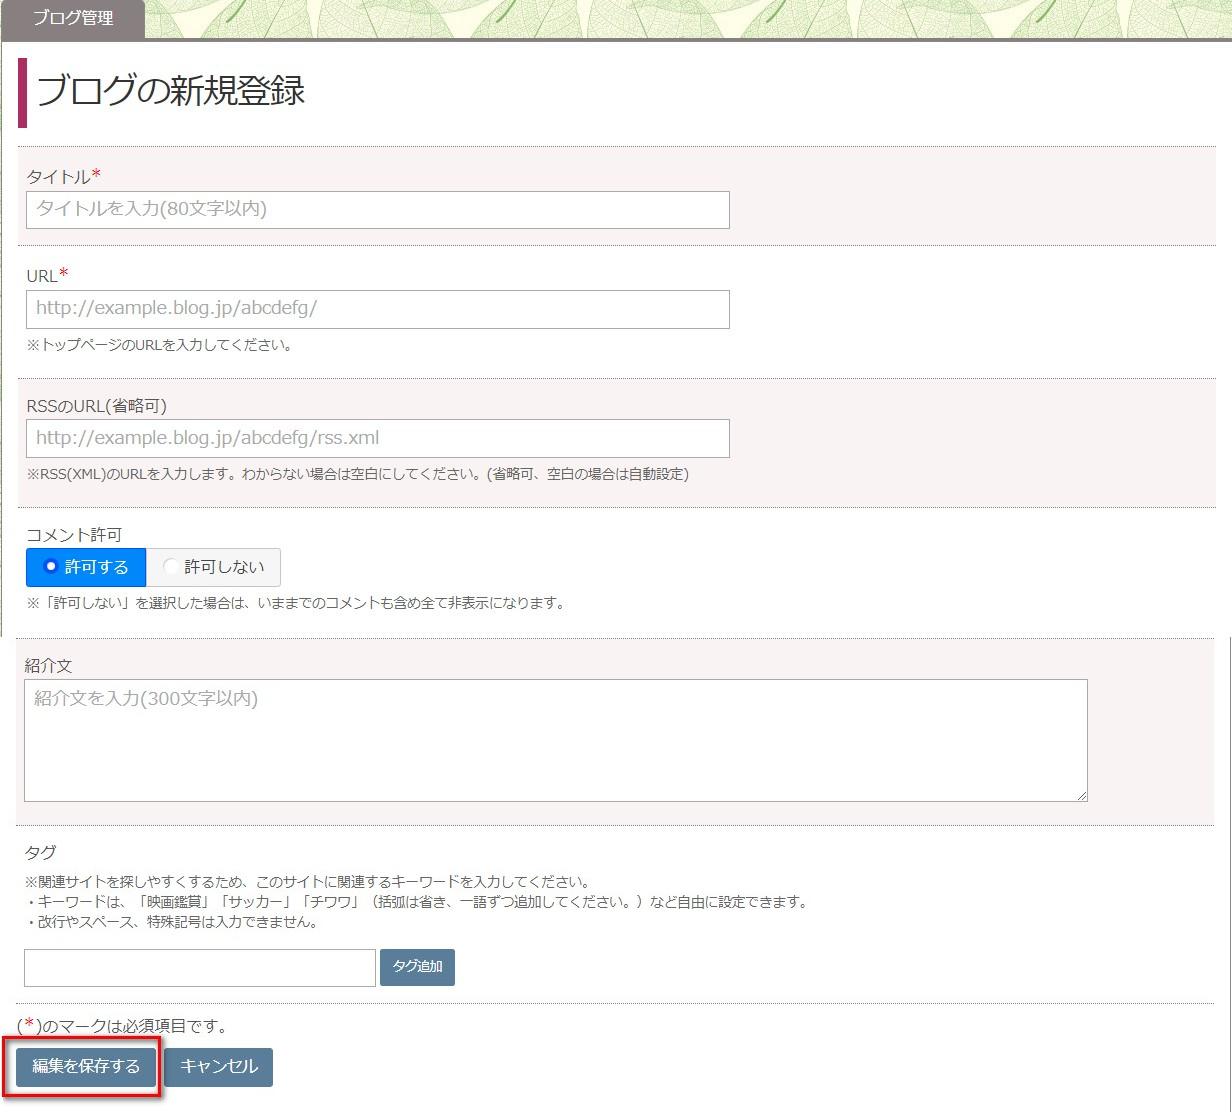 ブログの新規登録